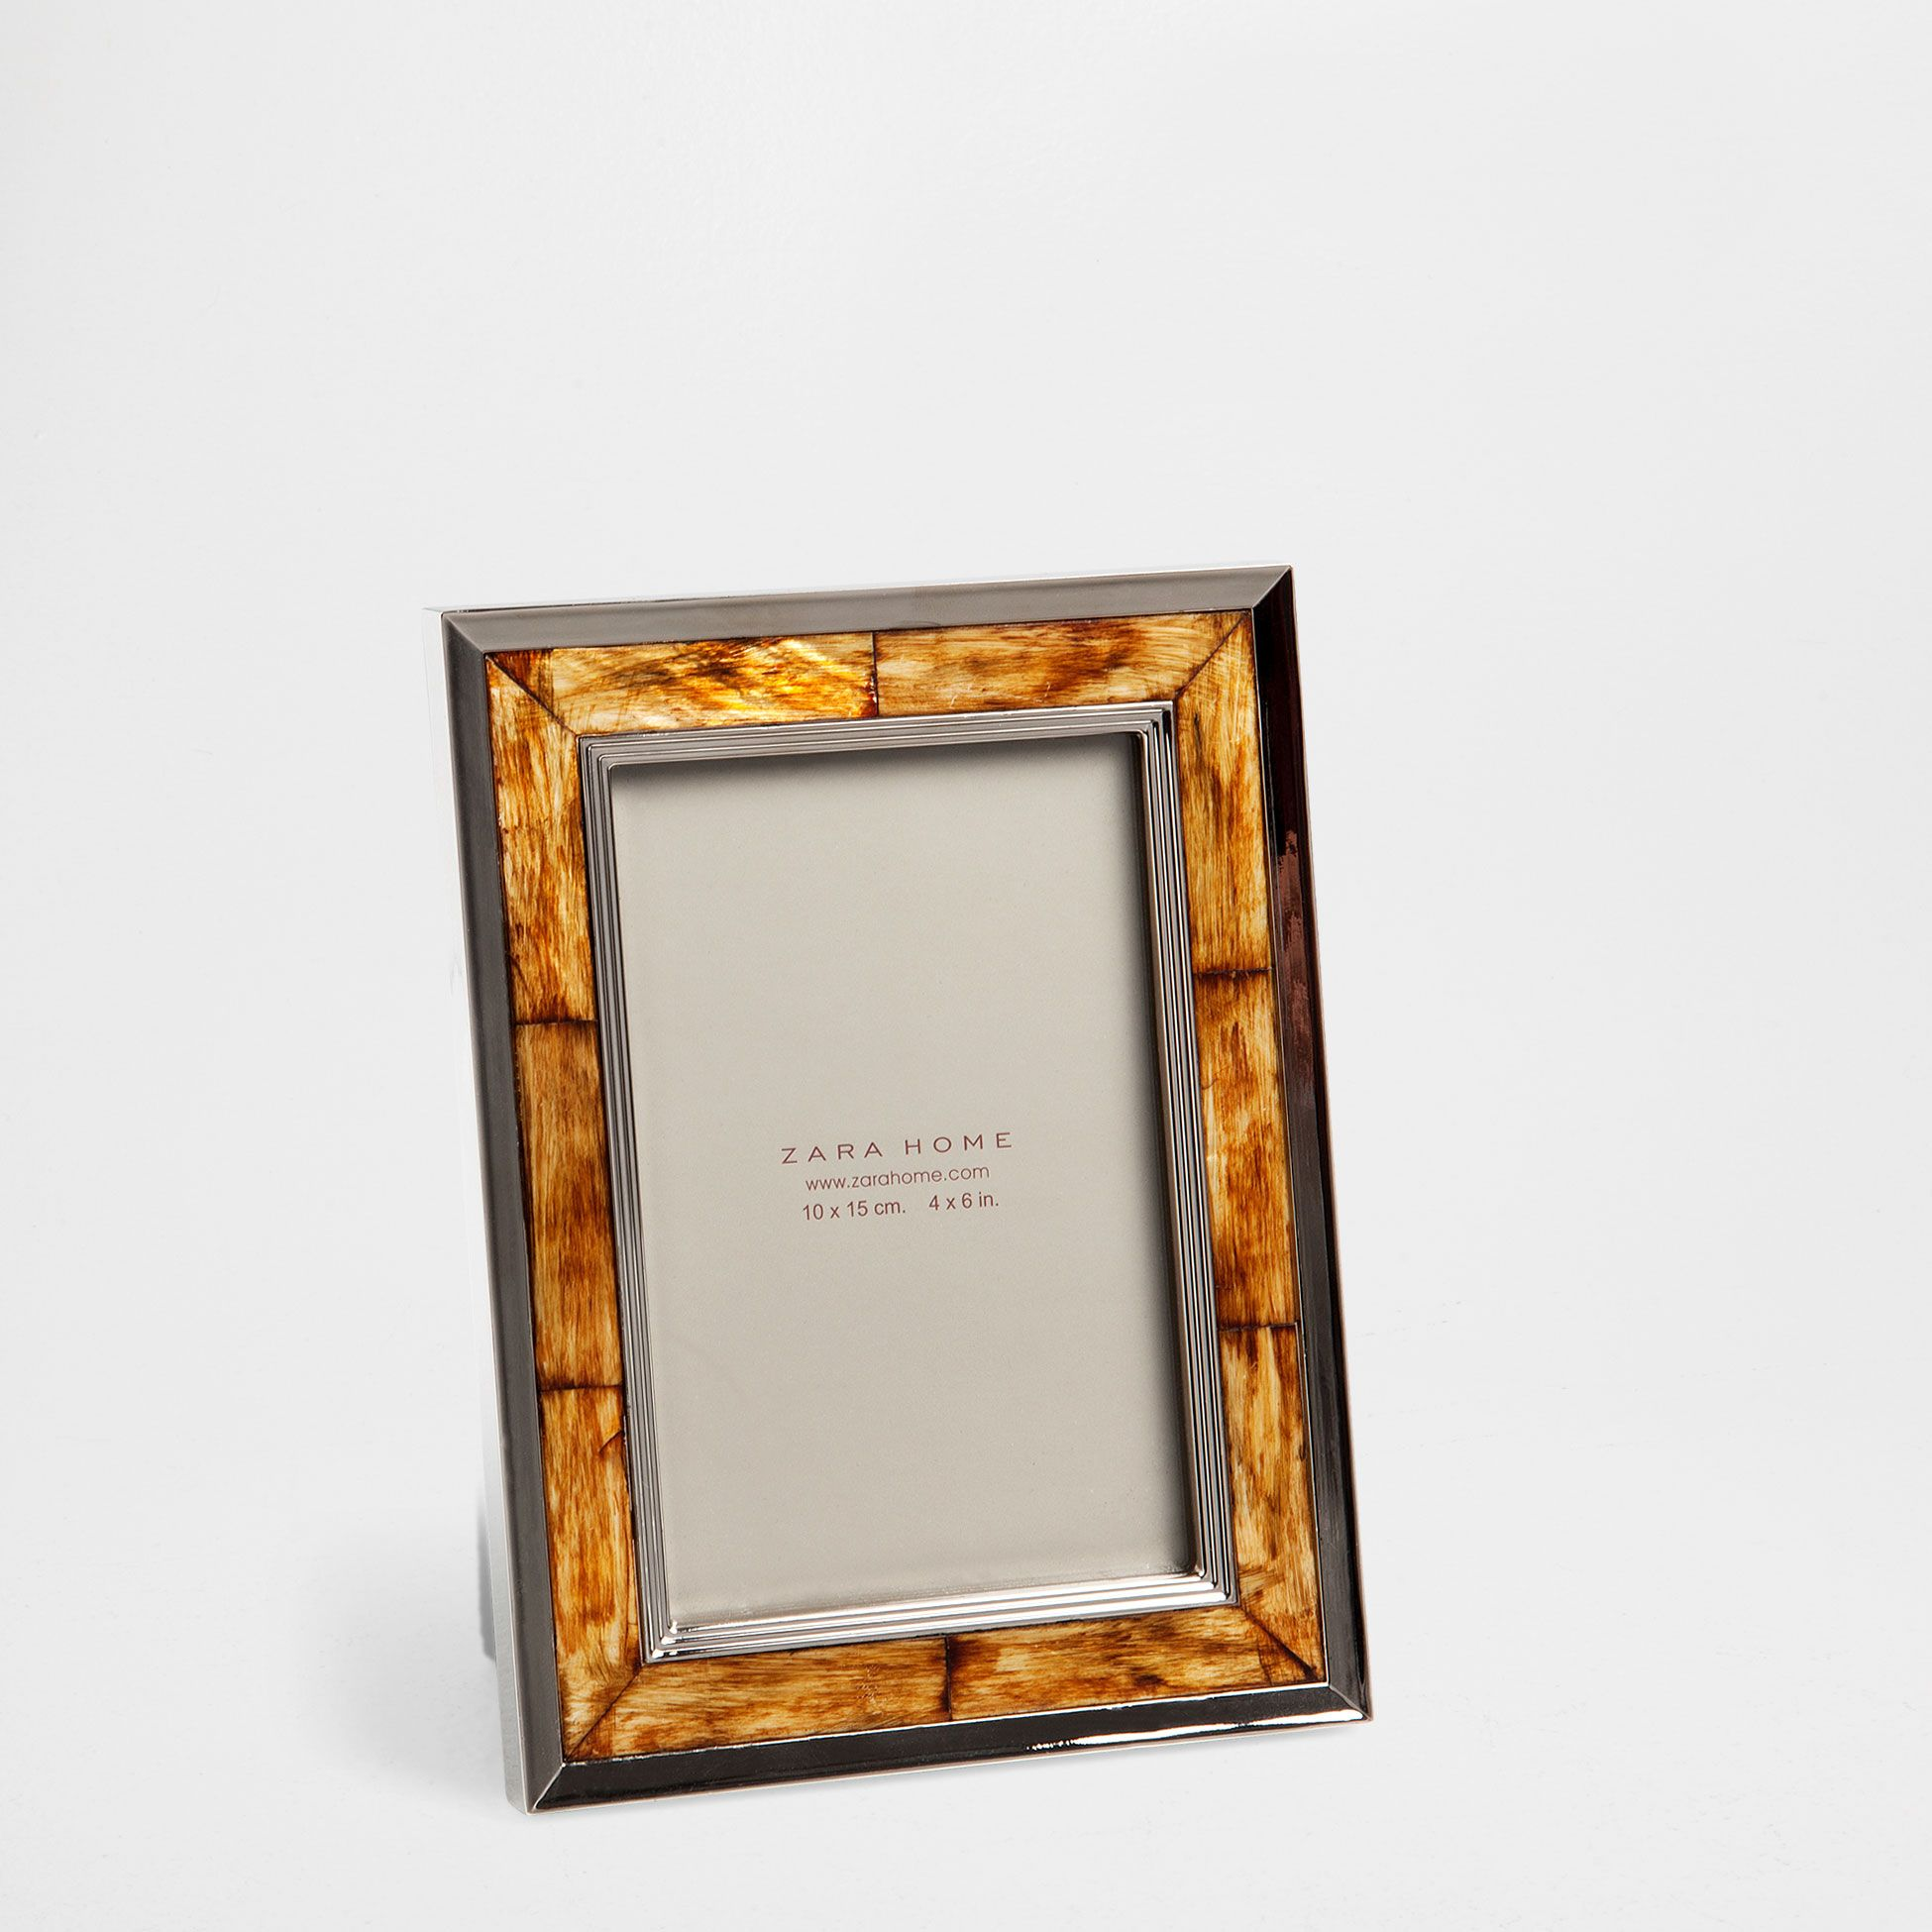 Marco metal y bambú - Marcos - Decoración | Zara Home España | Home ...